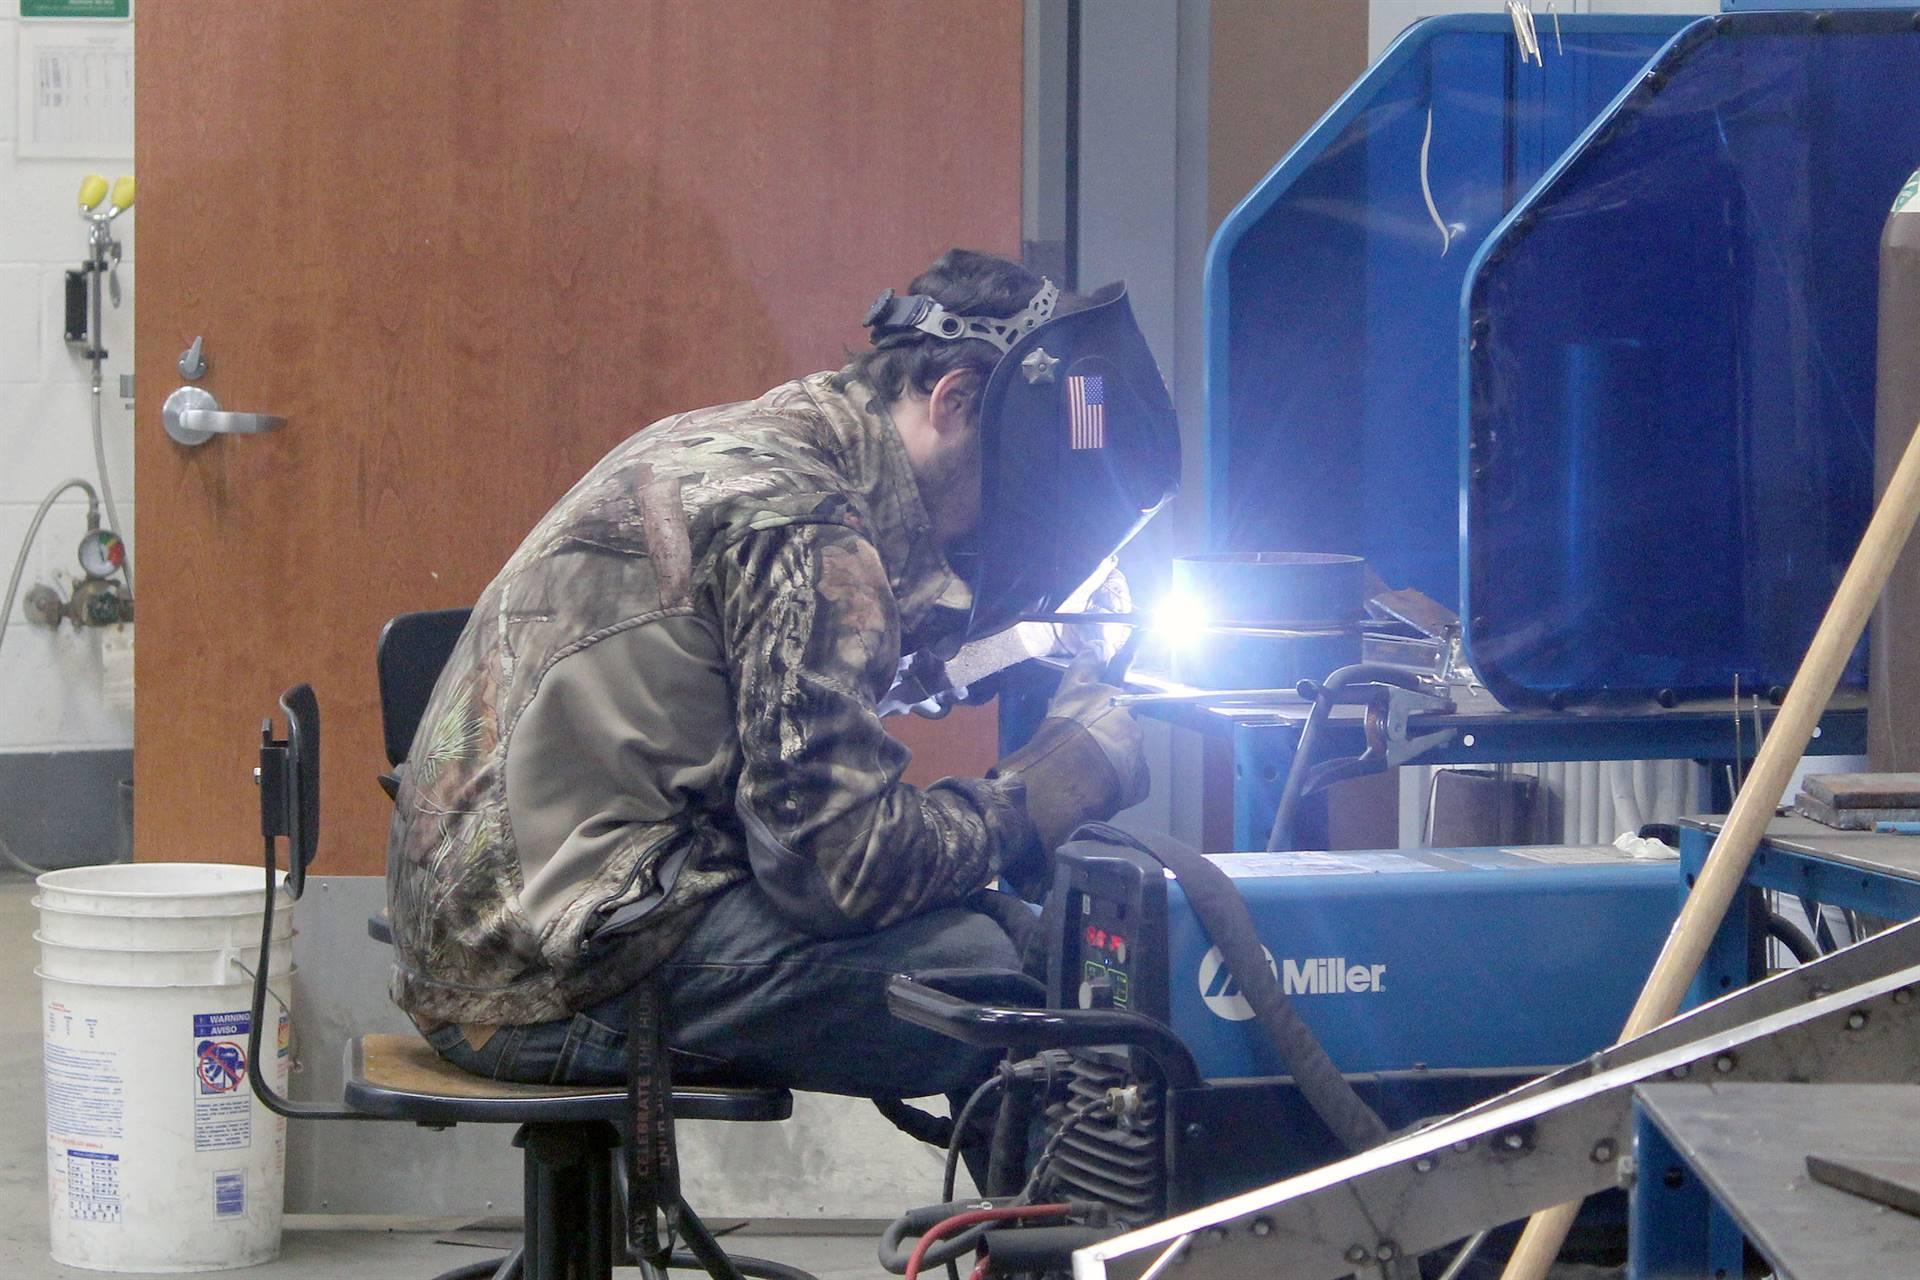 ACCTC welding student